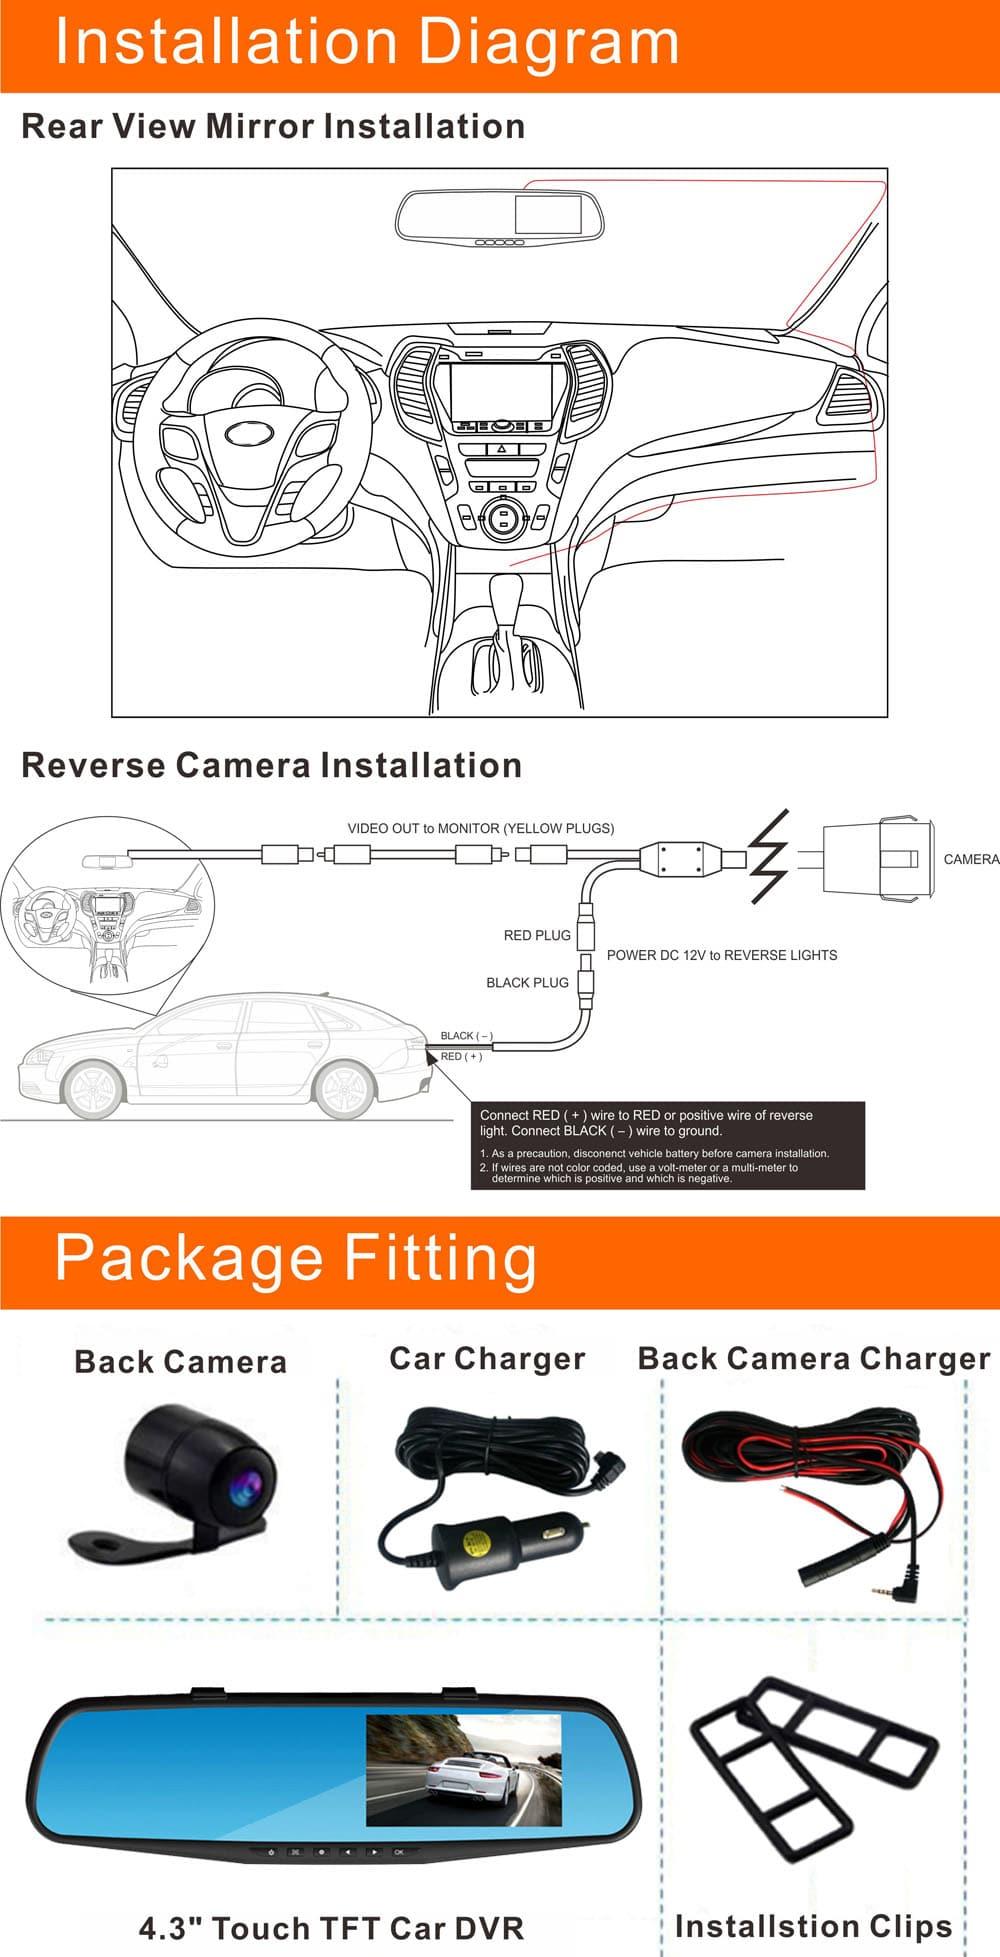 RM-LC2010 1080P Full HD 30W pixel 170 fokos széles szögű autó visszapillantó tükör hátsó kamera-monitor DVR hurokciklus rögzítése parkolásfigyelés mozgásérzékelés - kék és fekete